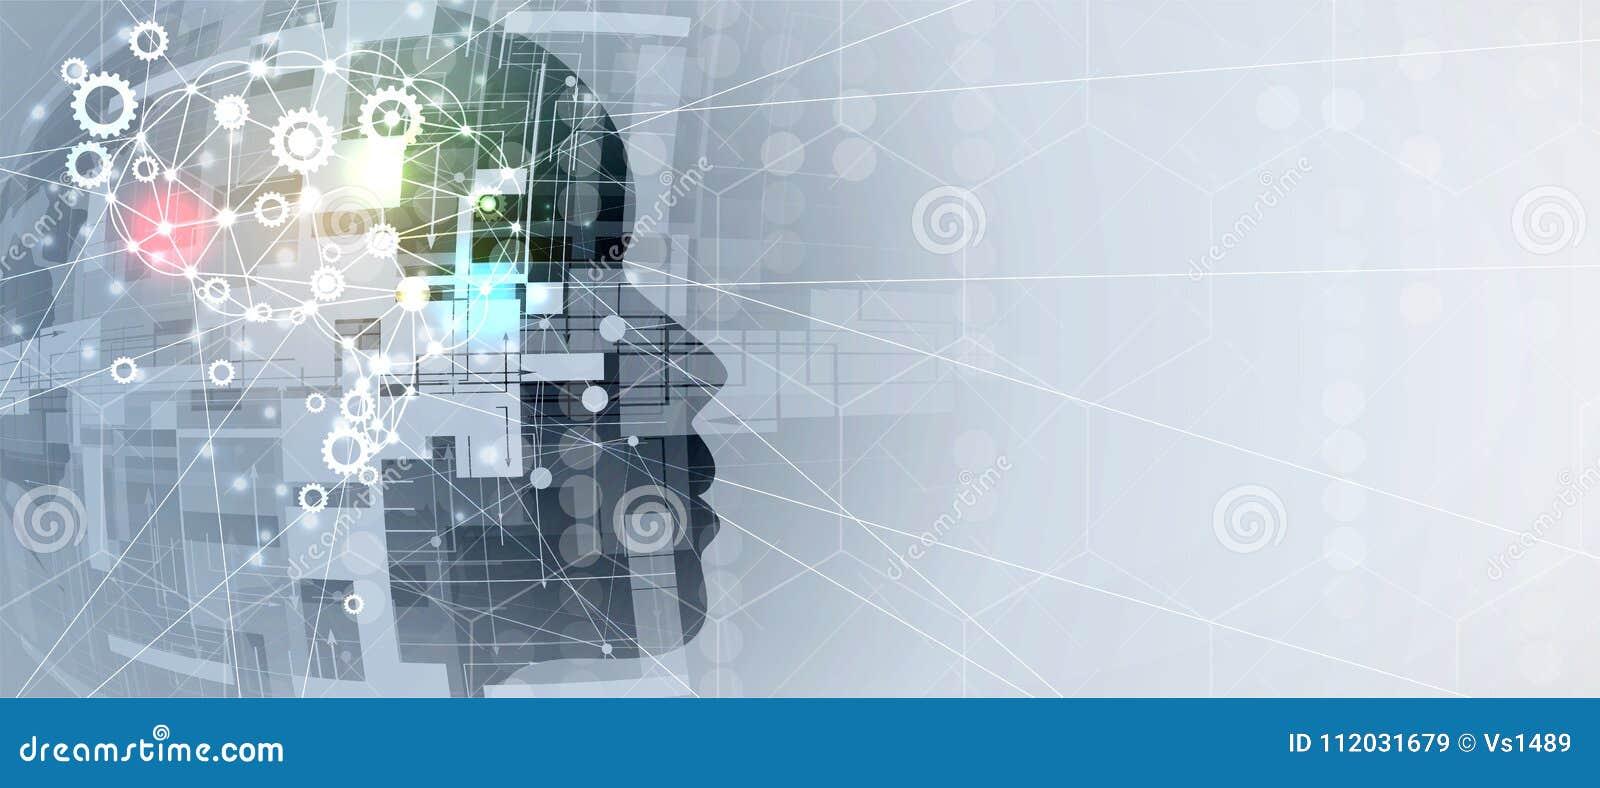 Inteligência artificial Fundo da Web do sistema da engrenagem da tecnologia Concentrado virtual